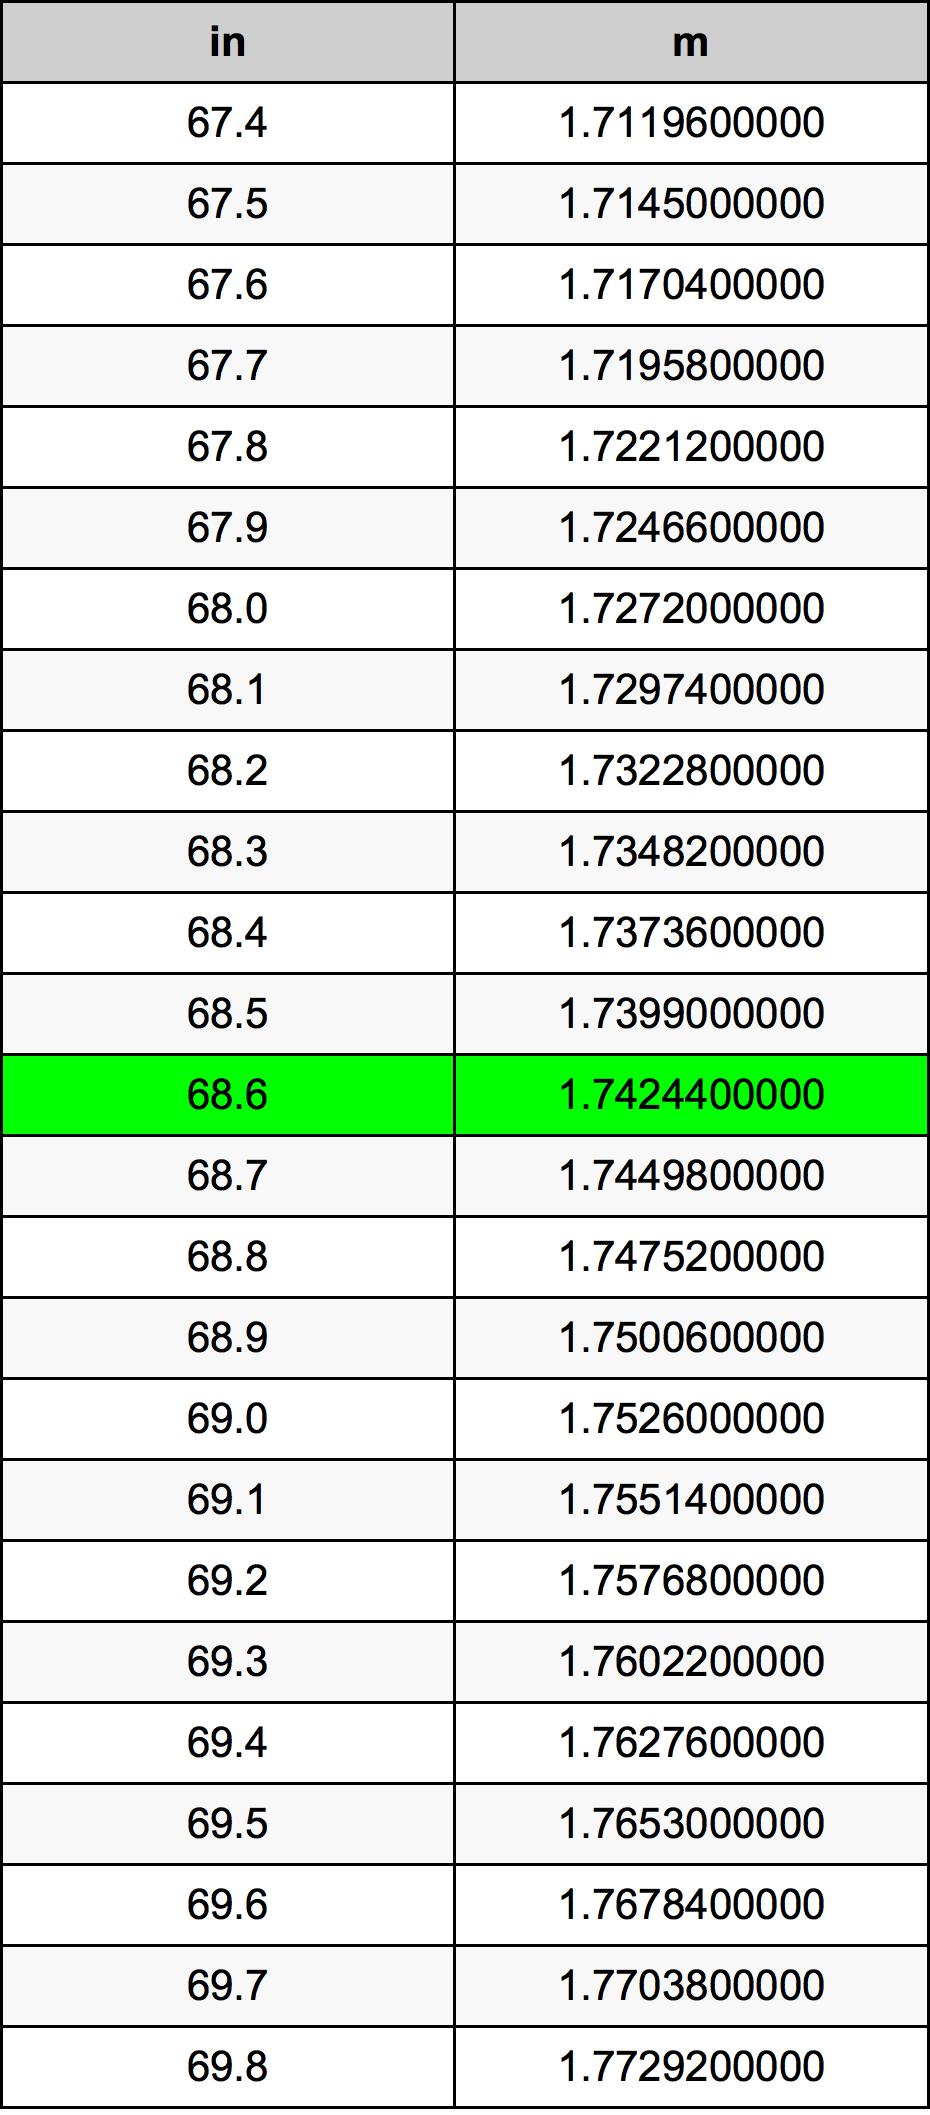 68.6 بوصة جدول تحويل